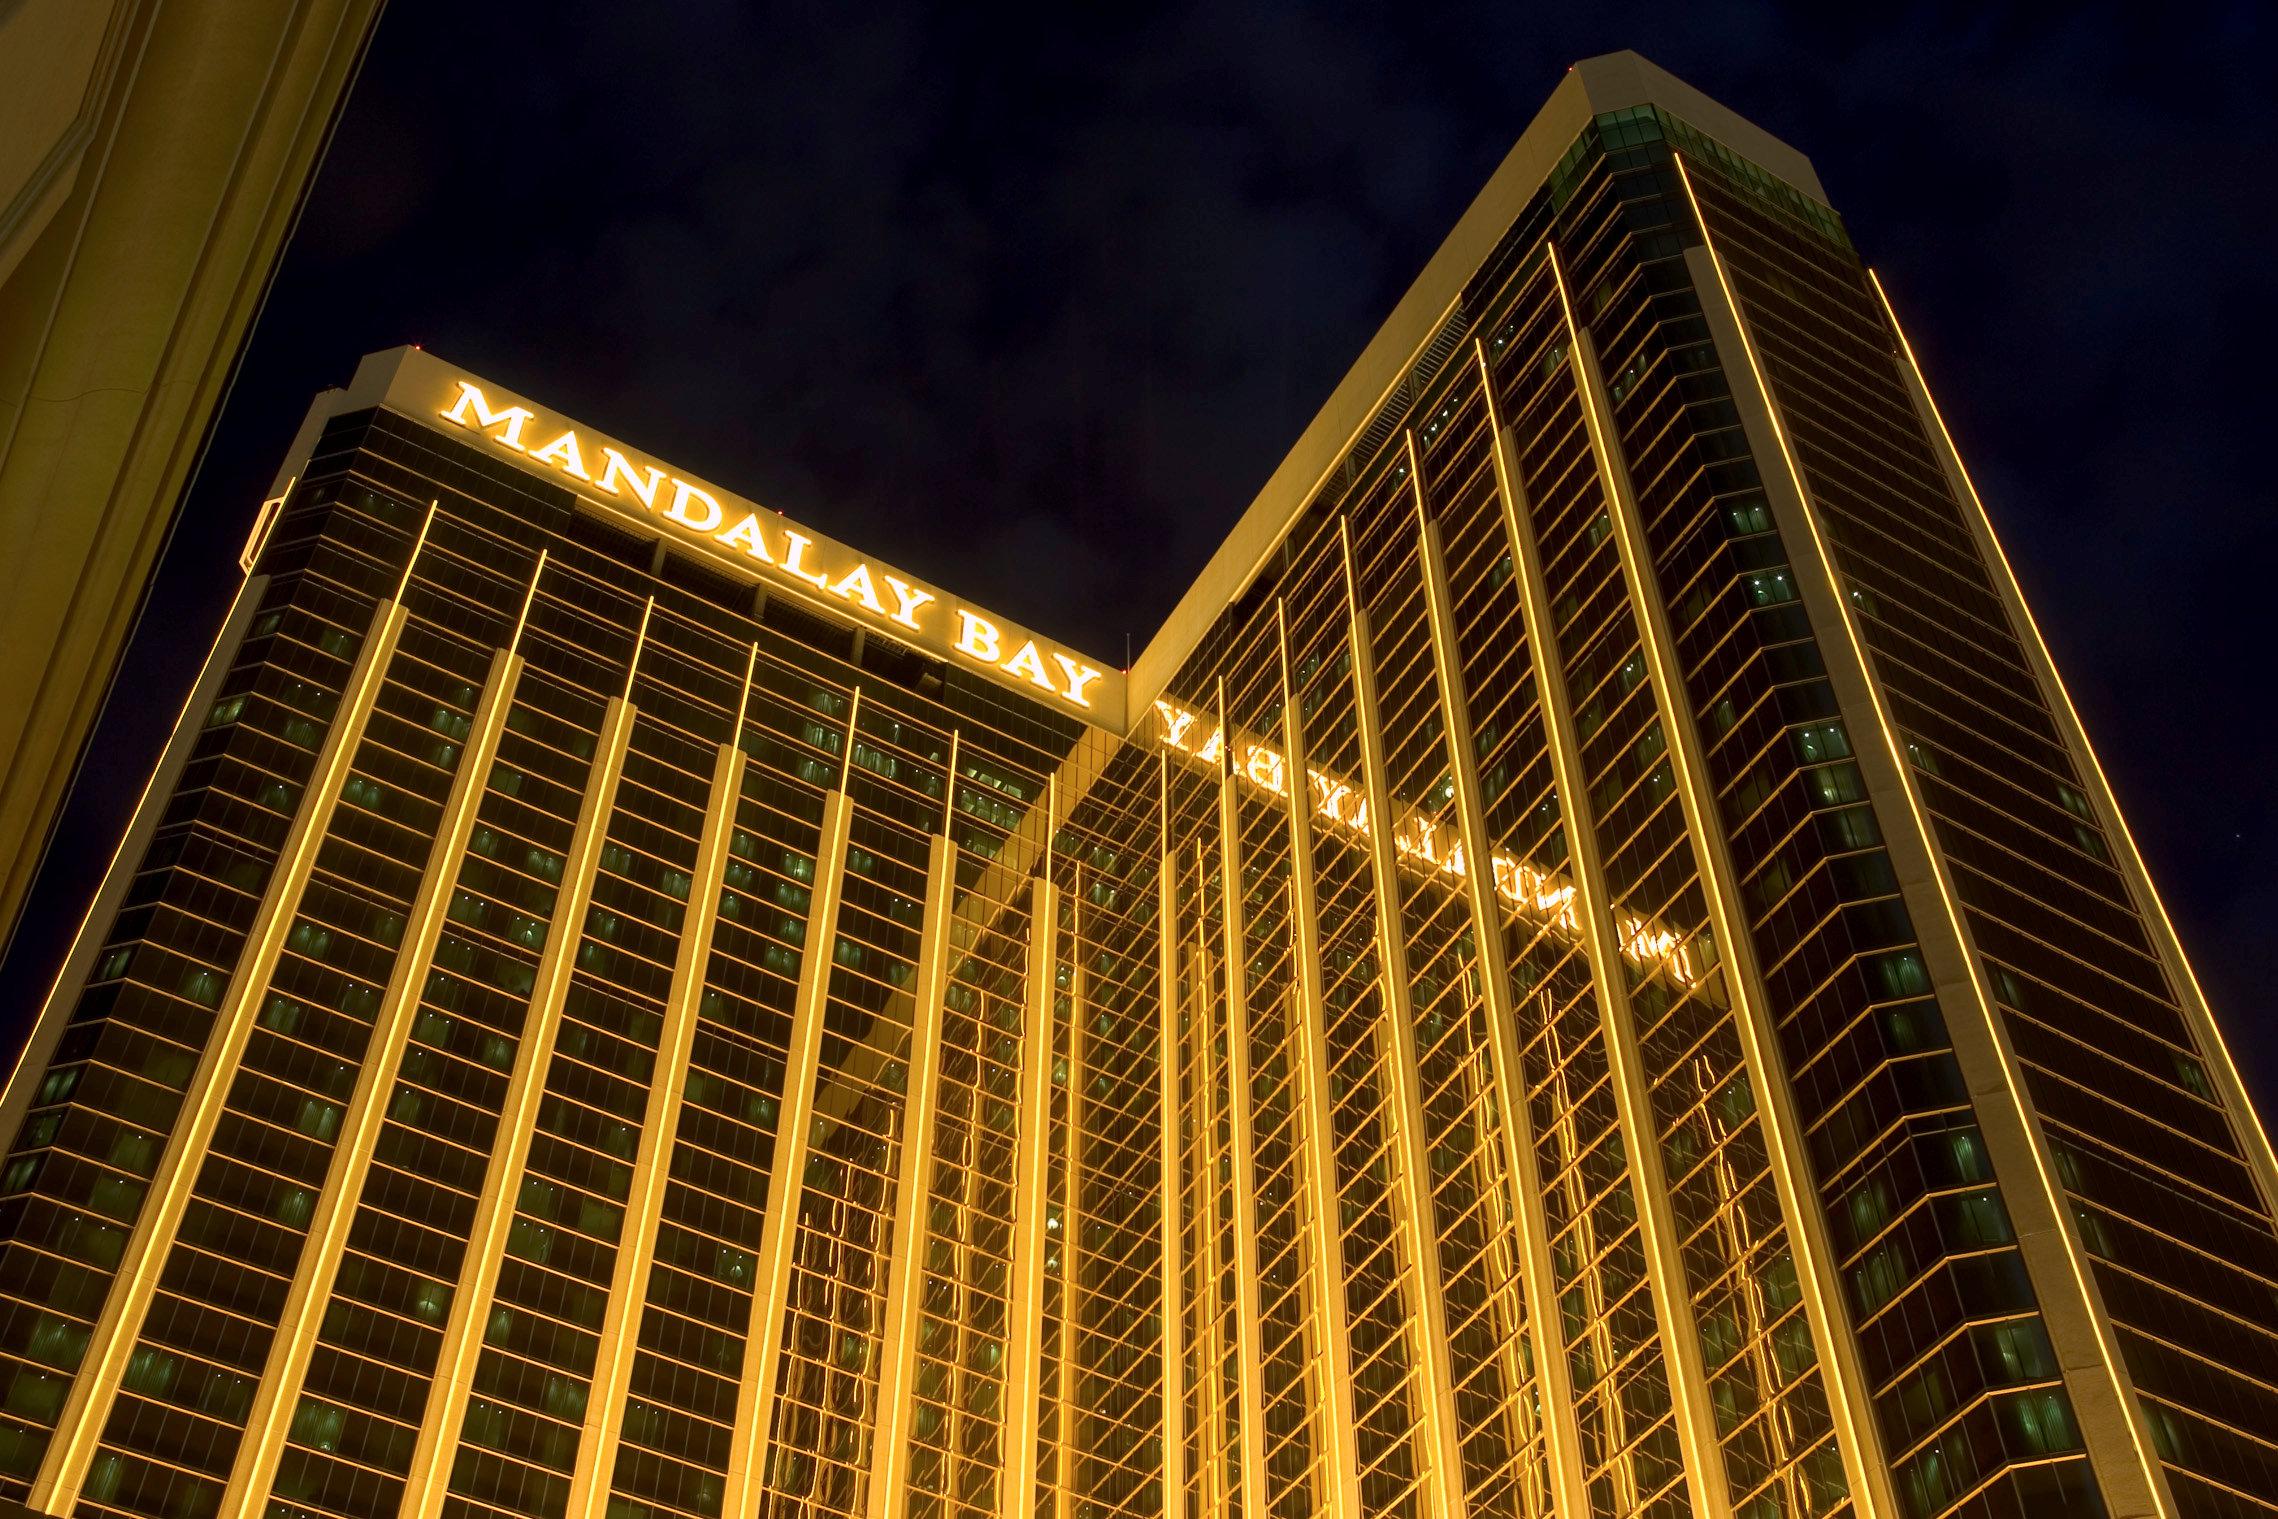 賭城拉斯維加斯Mandalay Bay賭場酒店10月1日深夜驚傳重大槍擊案。(路透檔案照)